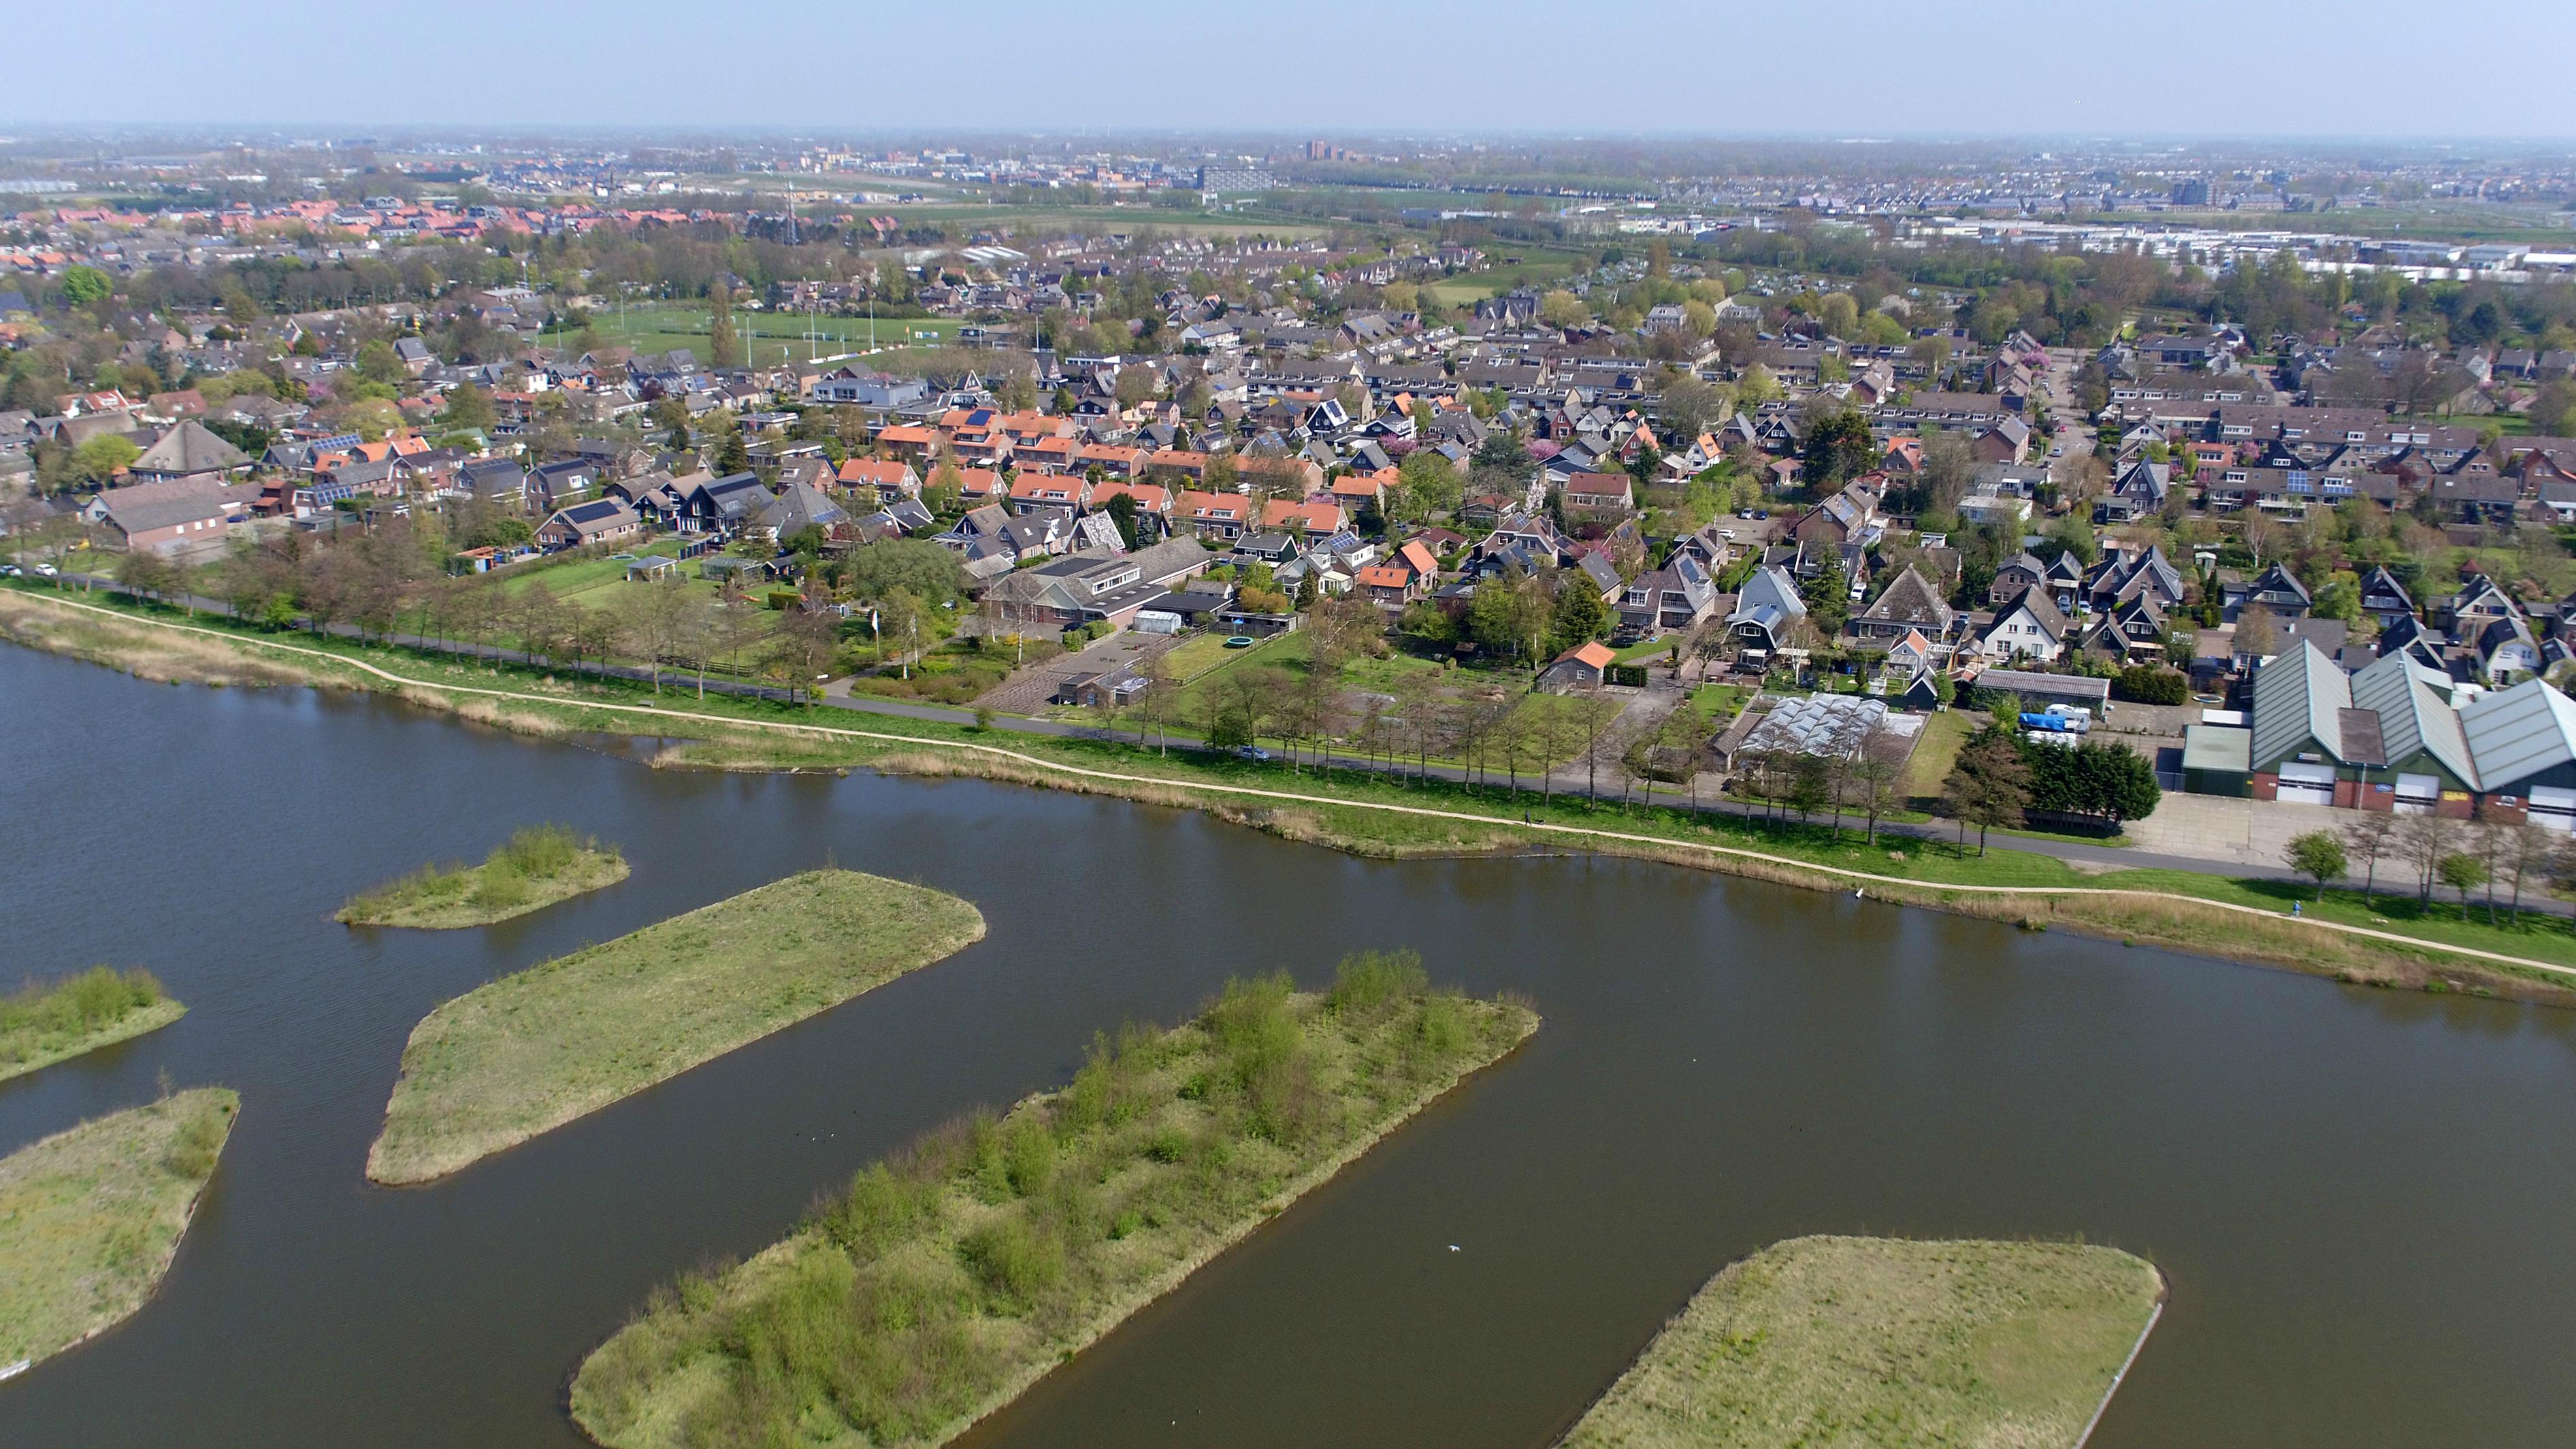 Dorpsraad Sint Pancras gaat met petitie de deuren langs: 'Willen jullie bij Alkmaar of bij Heerhugowaard horen?'